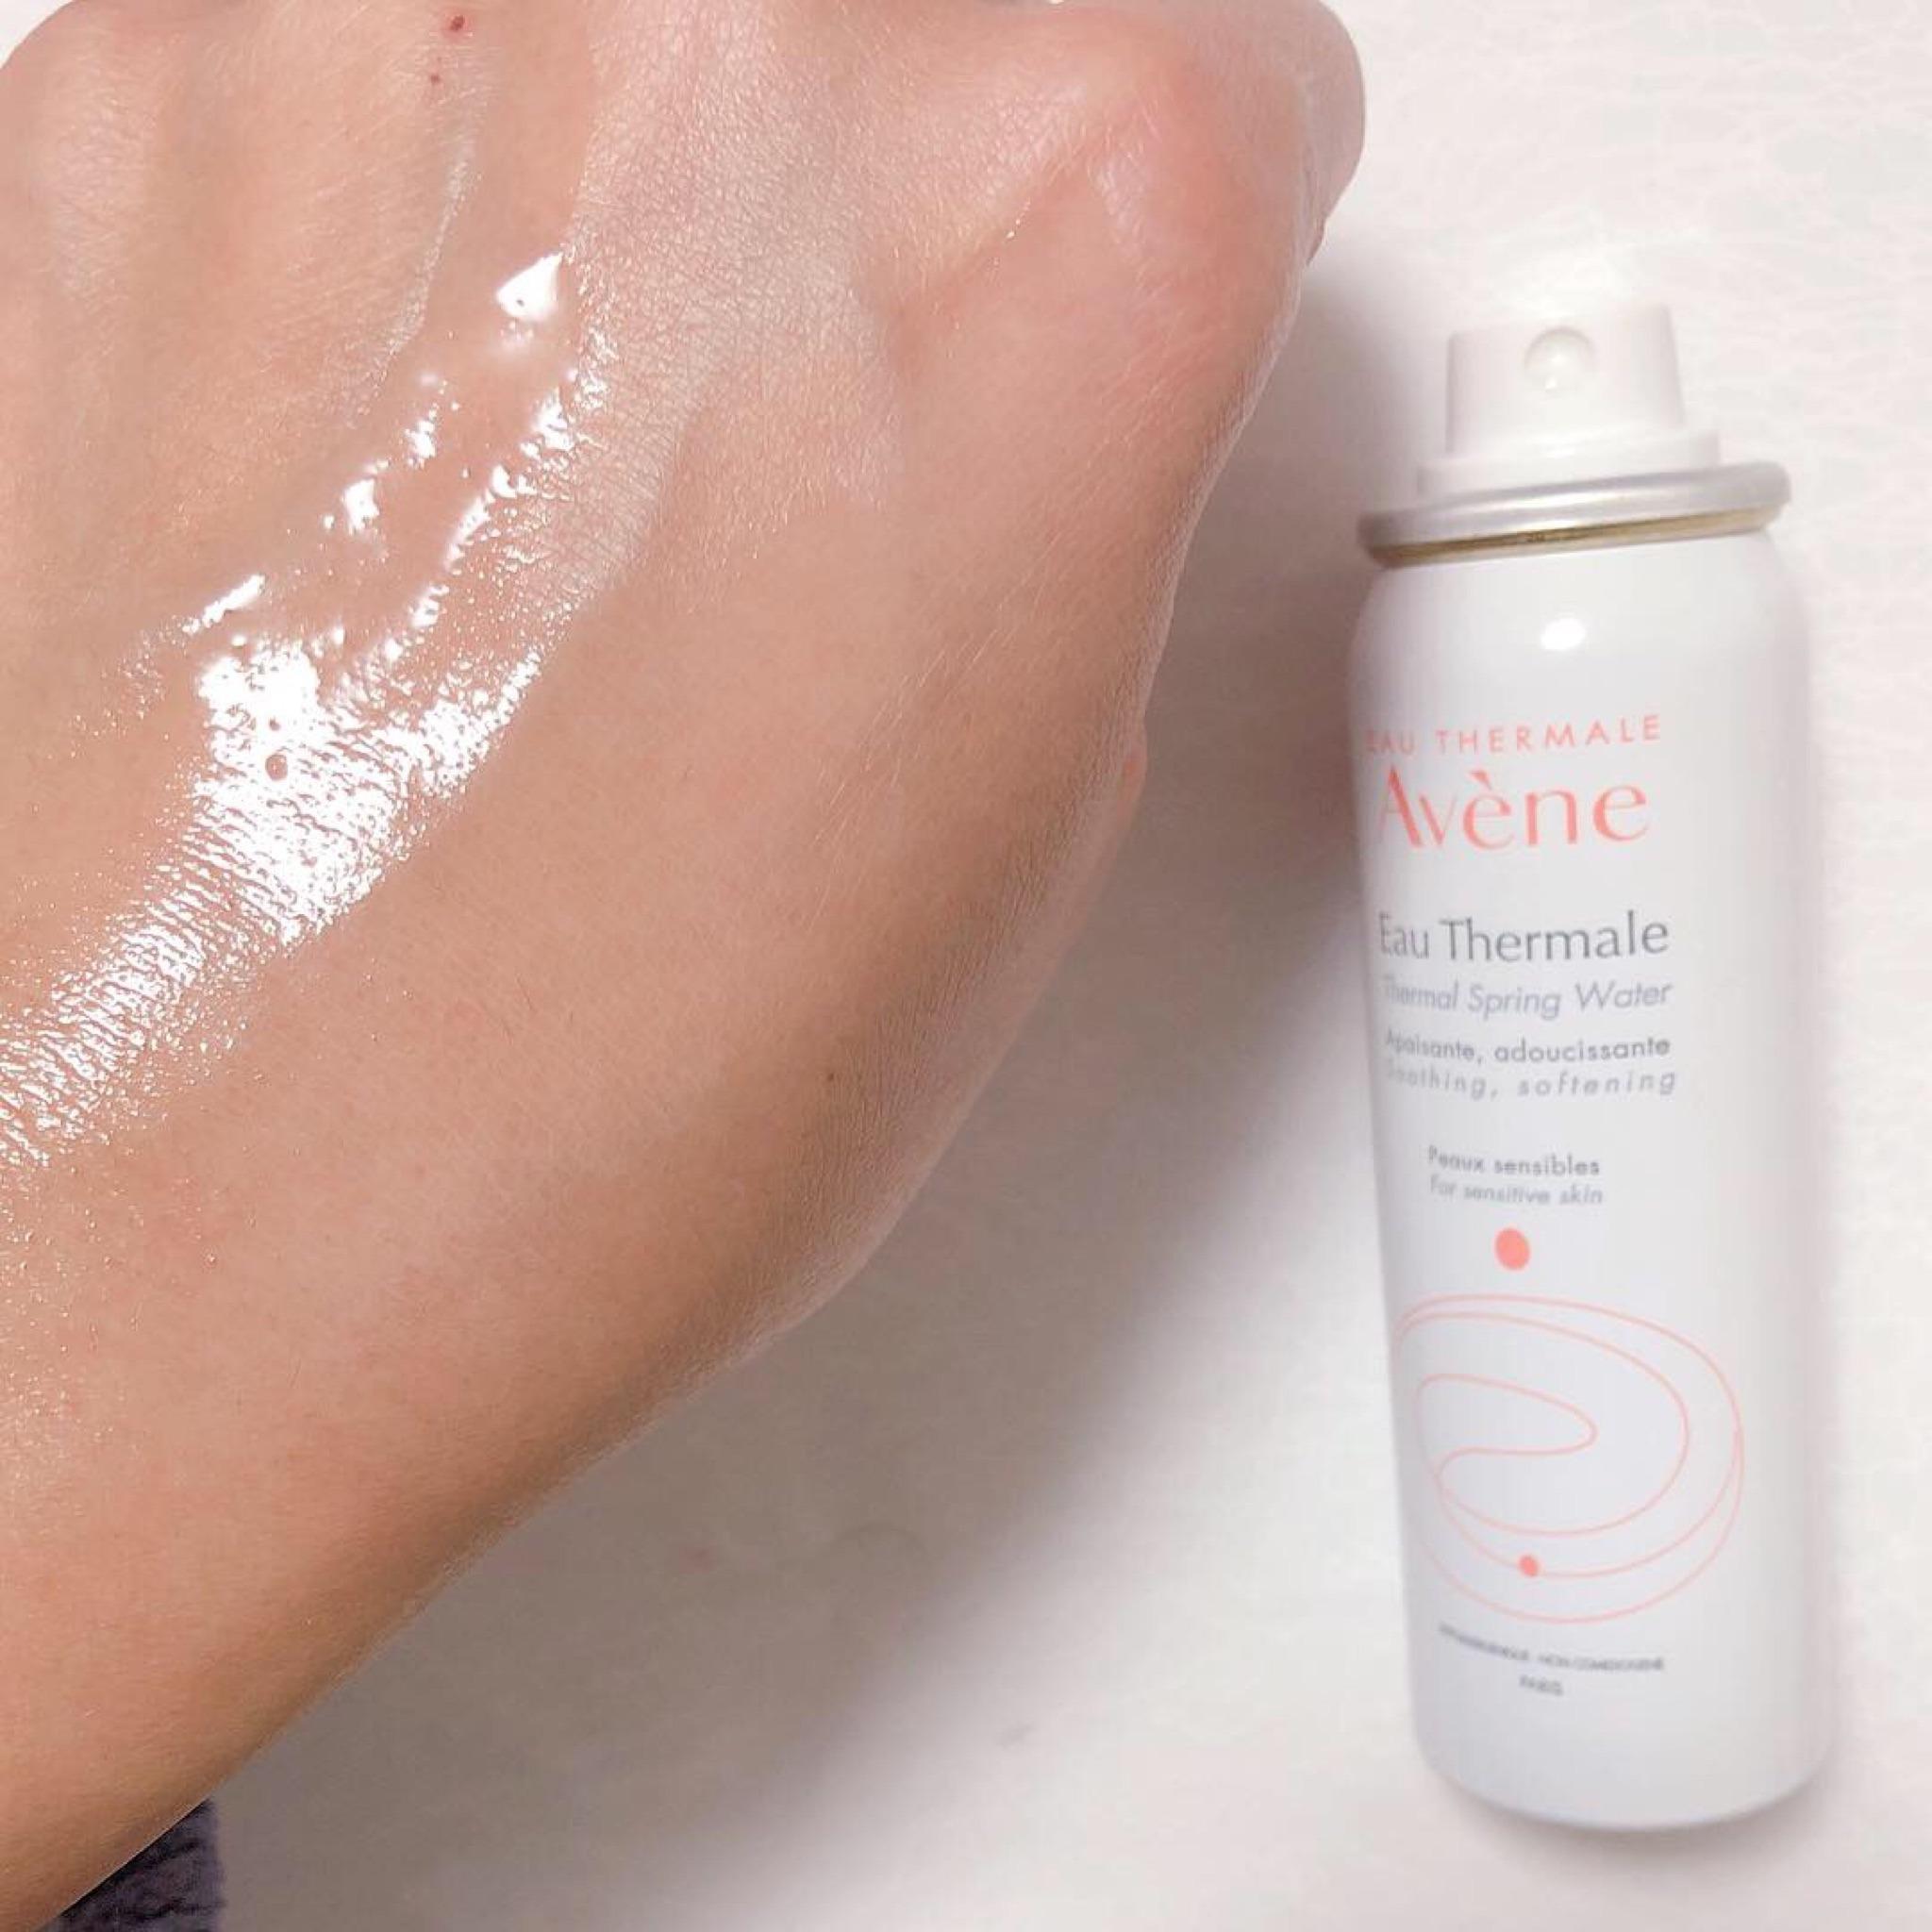 人気プチプラ化粧水ランキング|ニキビ・毛穴・美白にアプローチする美容通おすすめ品